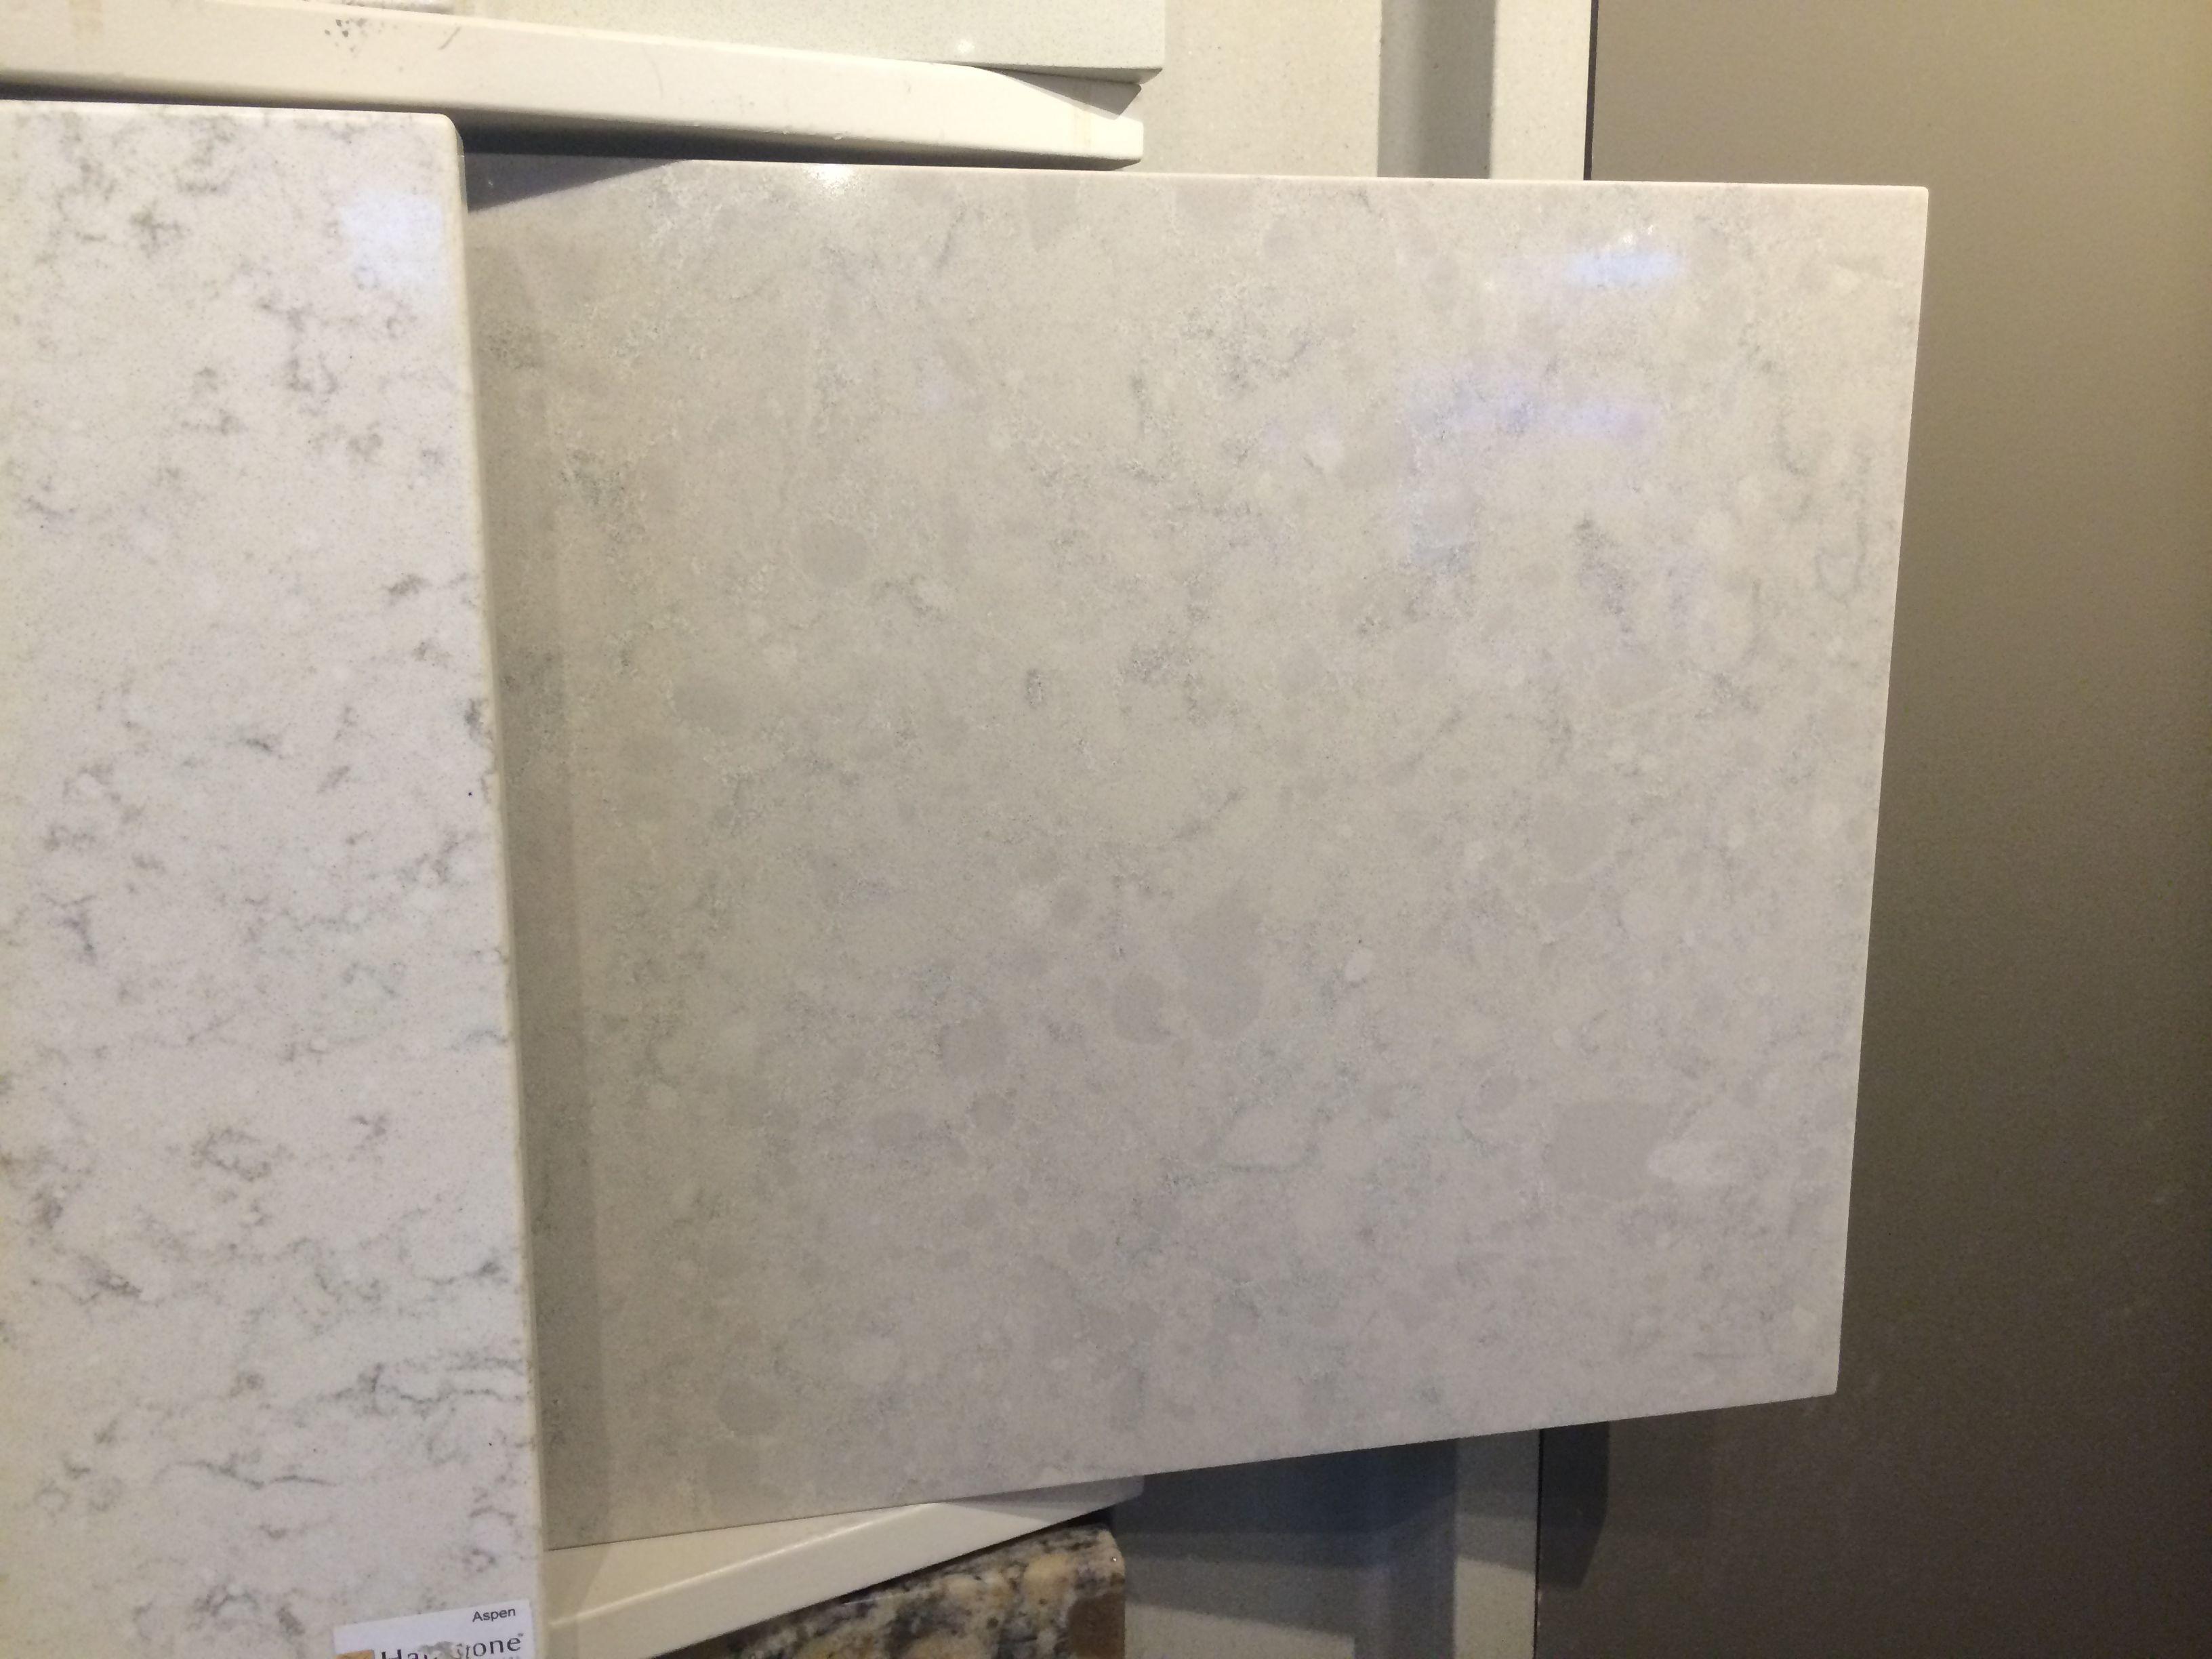 Viatera Quartz Natural Limestone